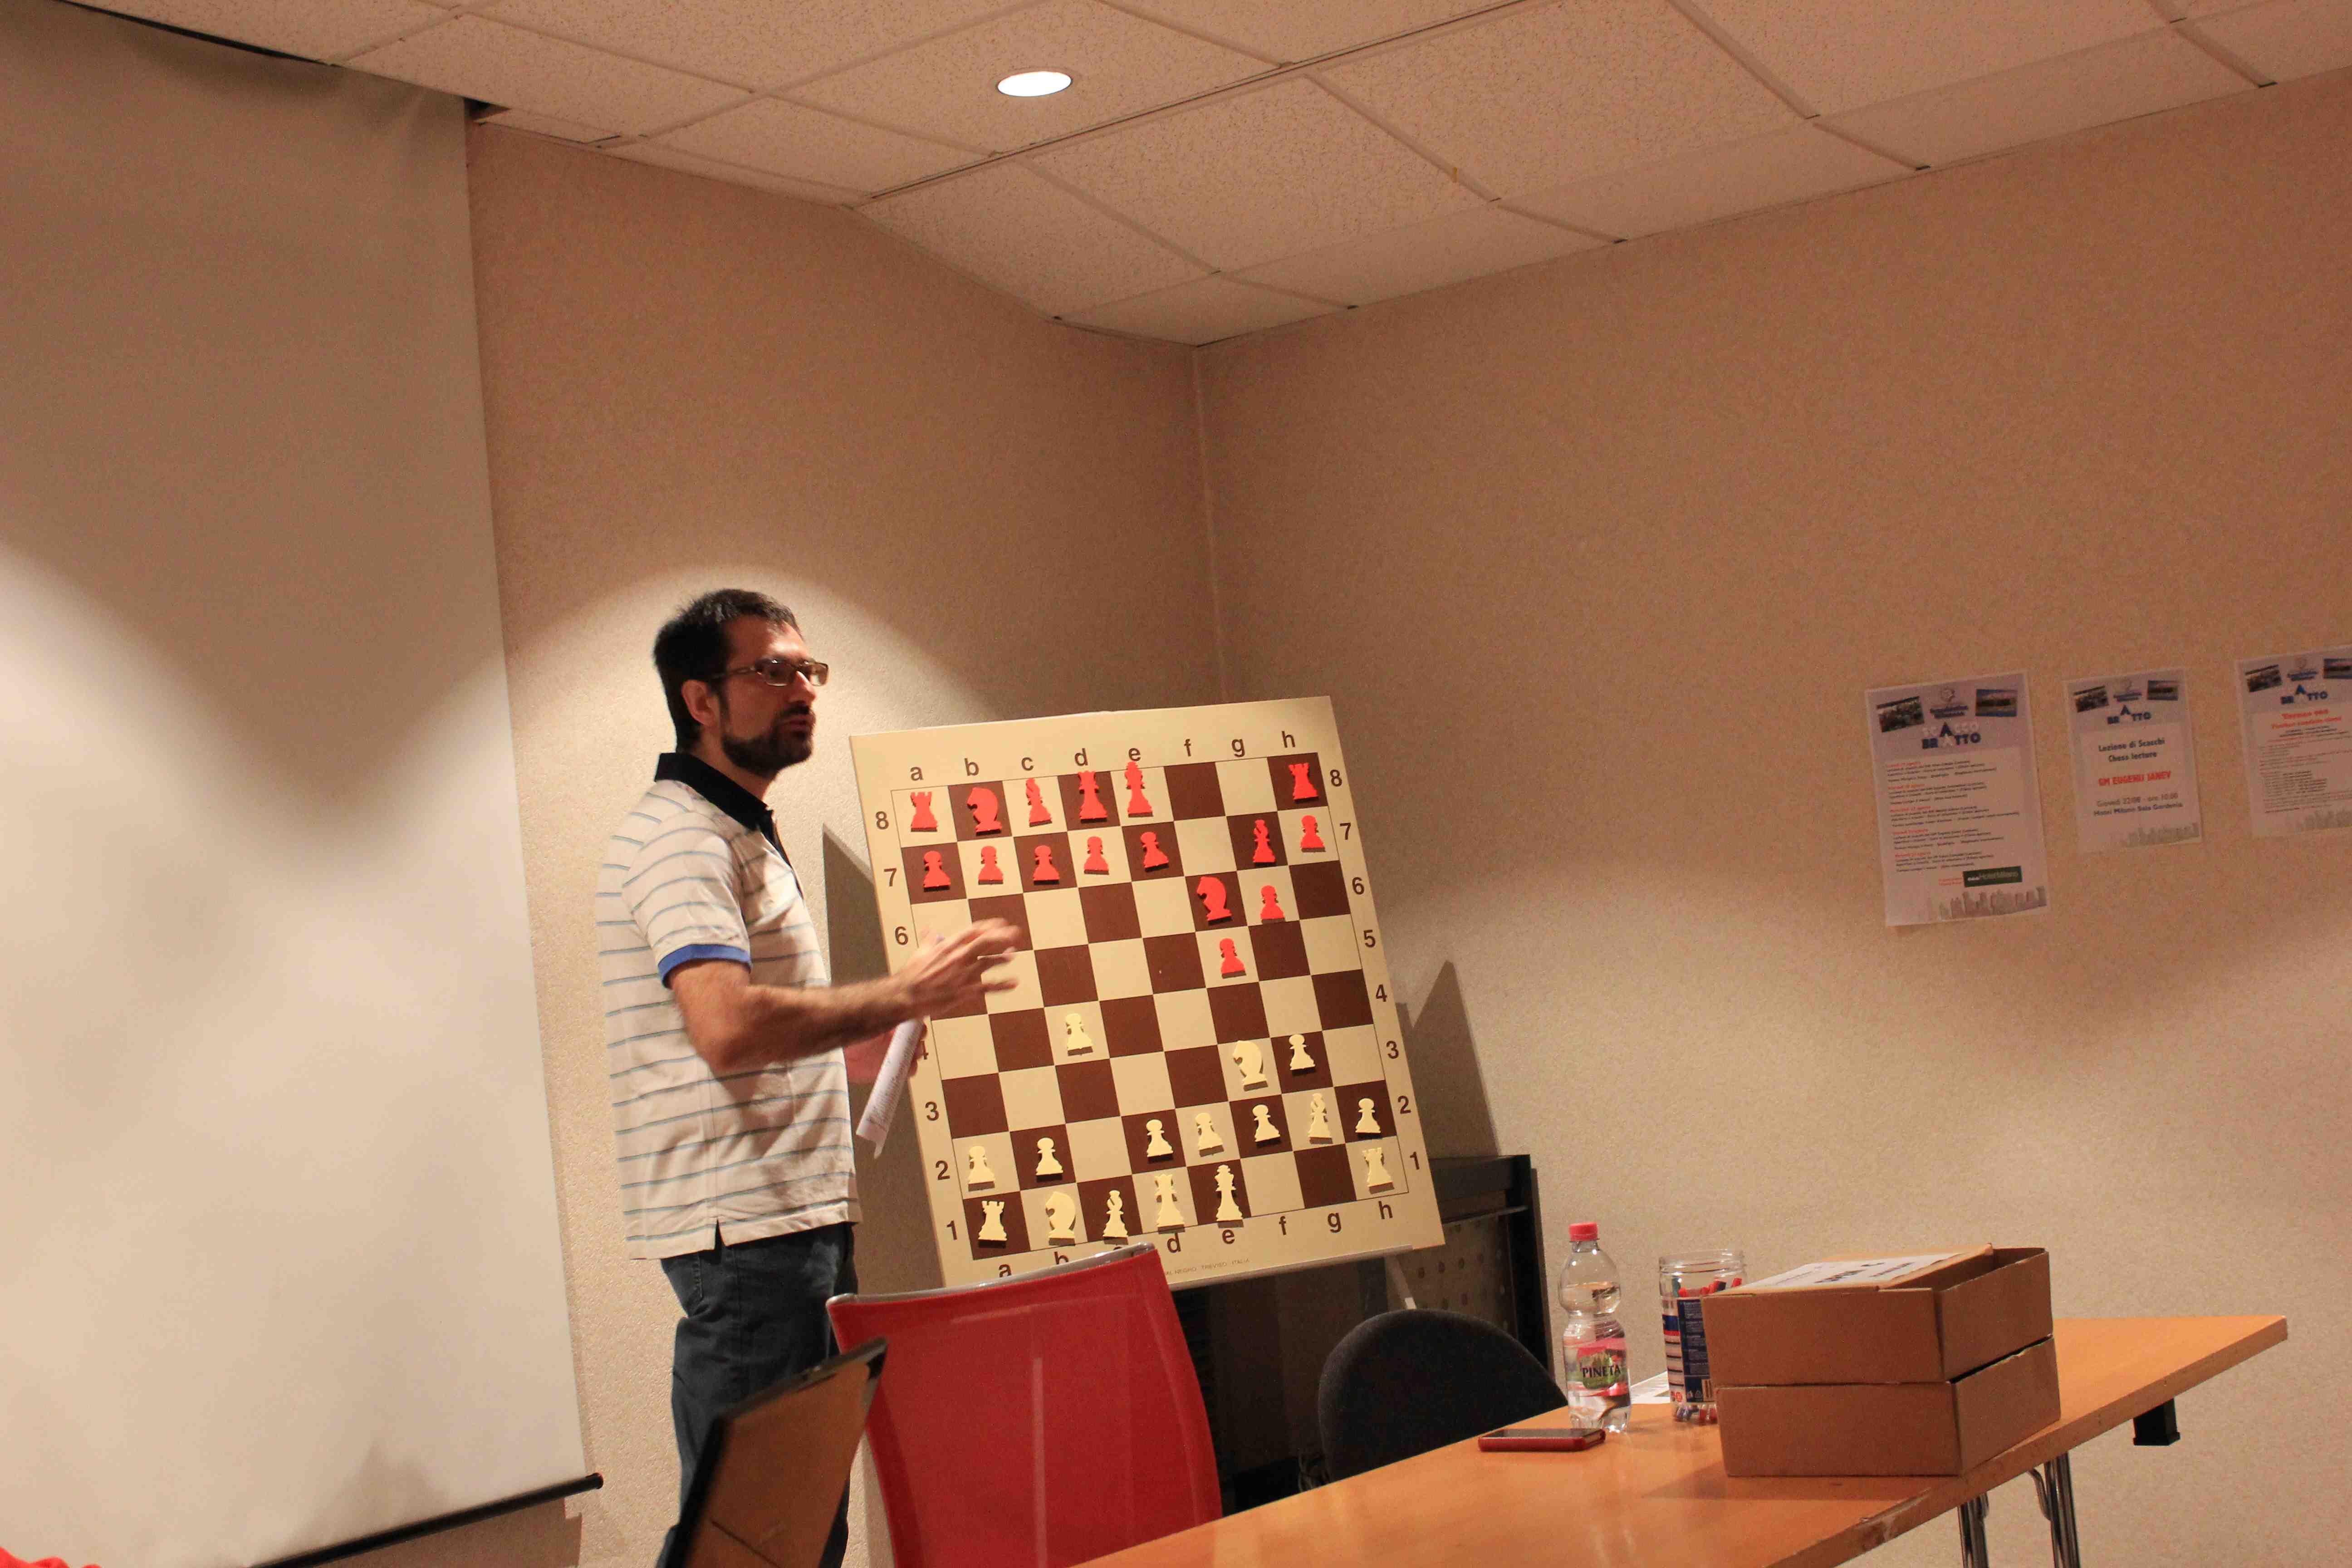 Il Maestro Internazionale Folco Castaldo durante la sua lezione. Foto di Volfango Rizzi SPQeR).